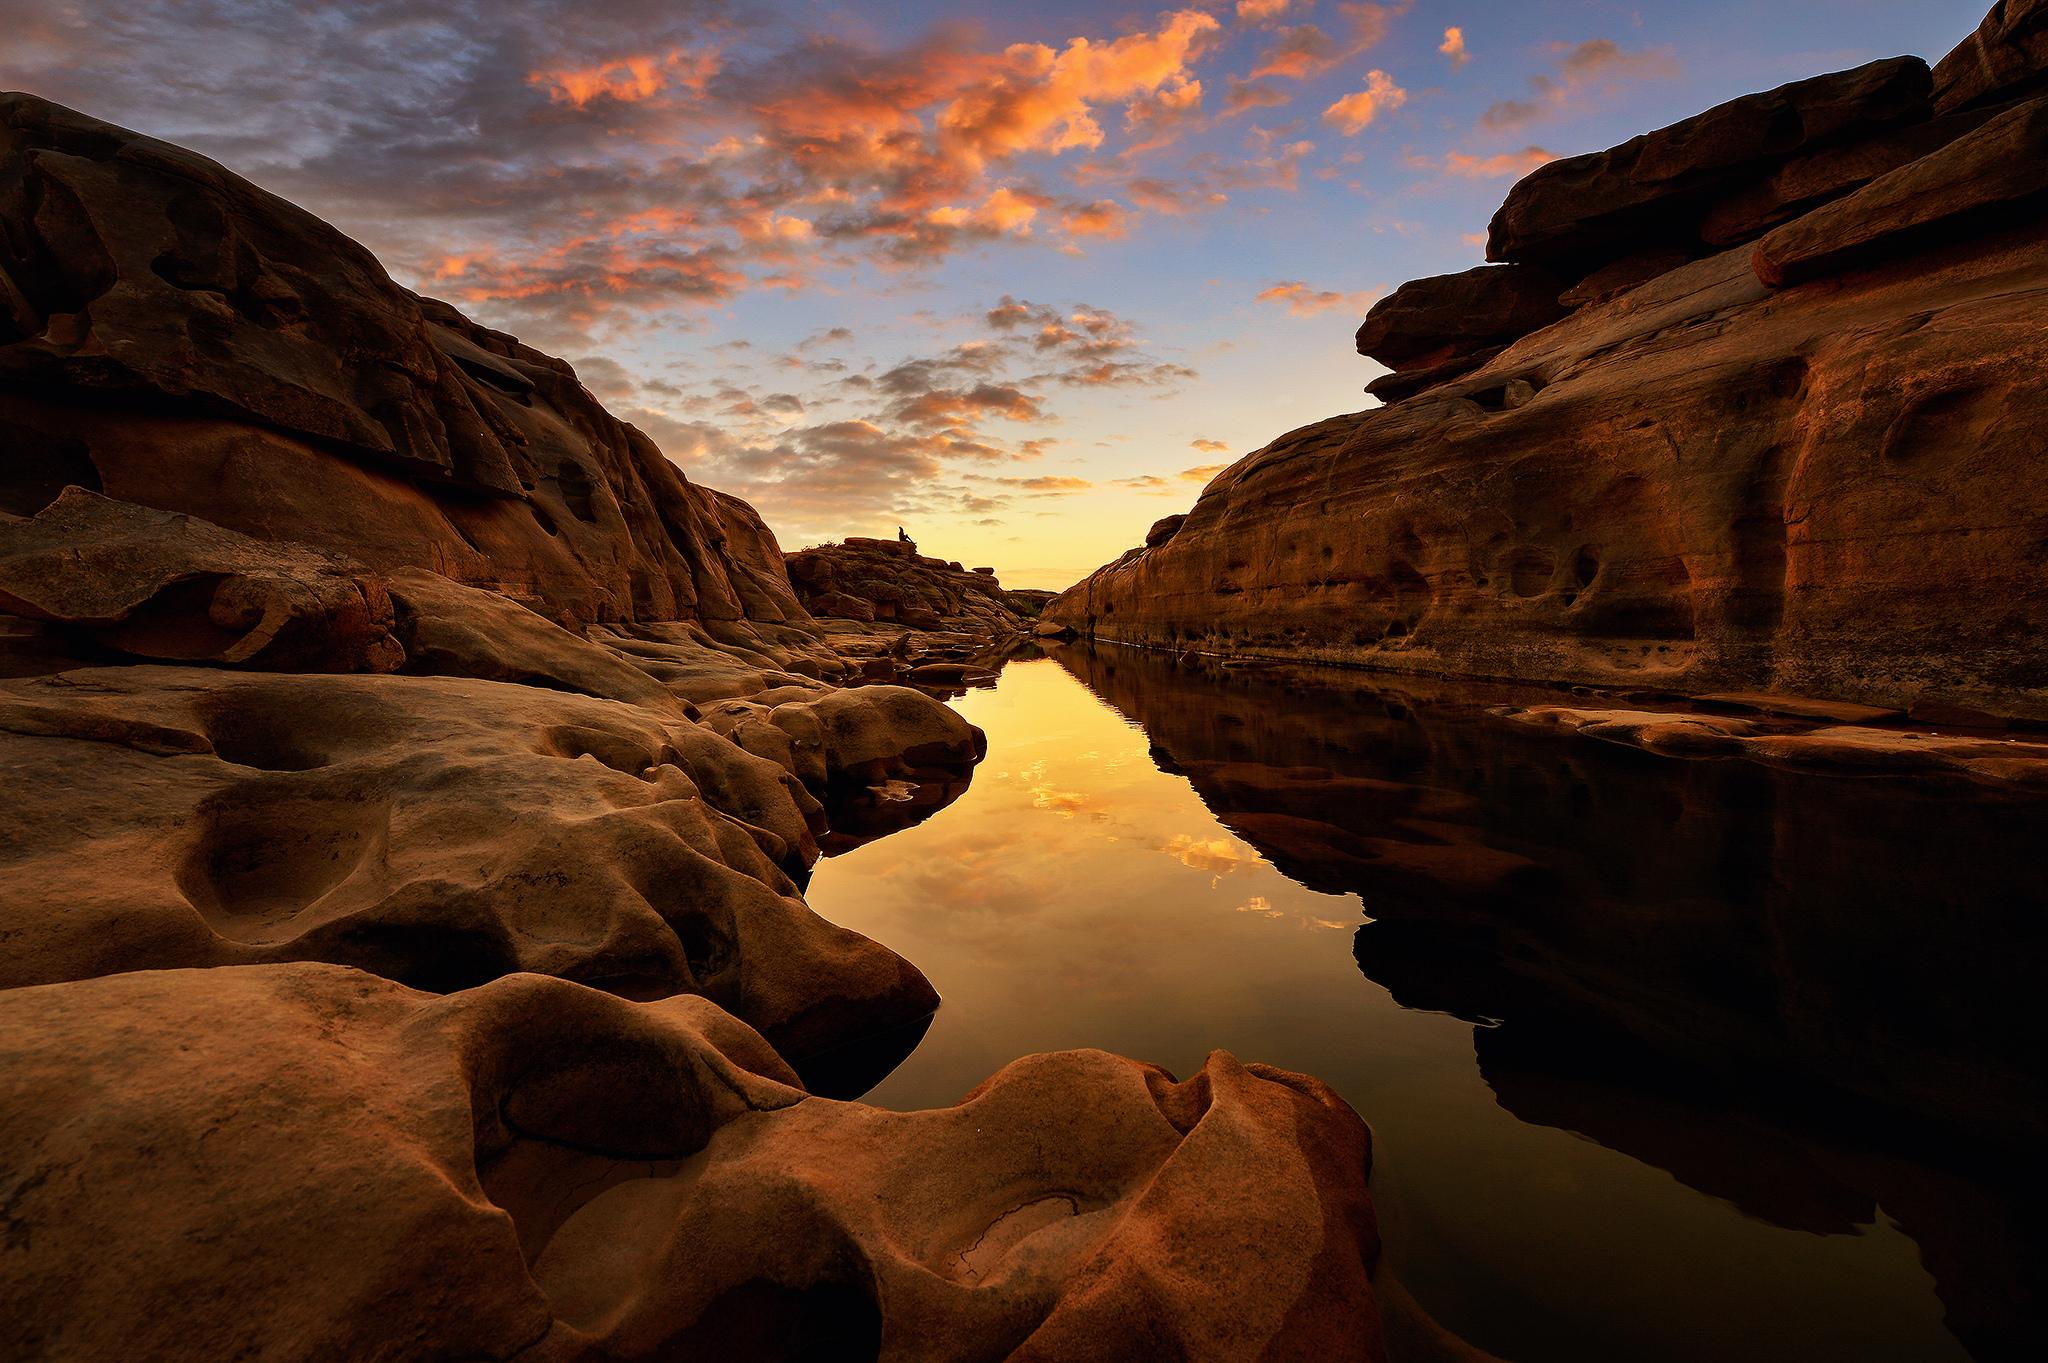 природа горы скалы река отражение nature mountains rock river reflection без смс